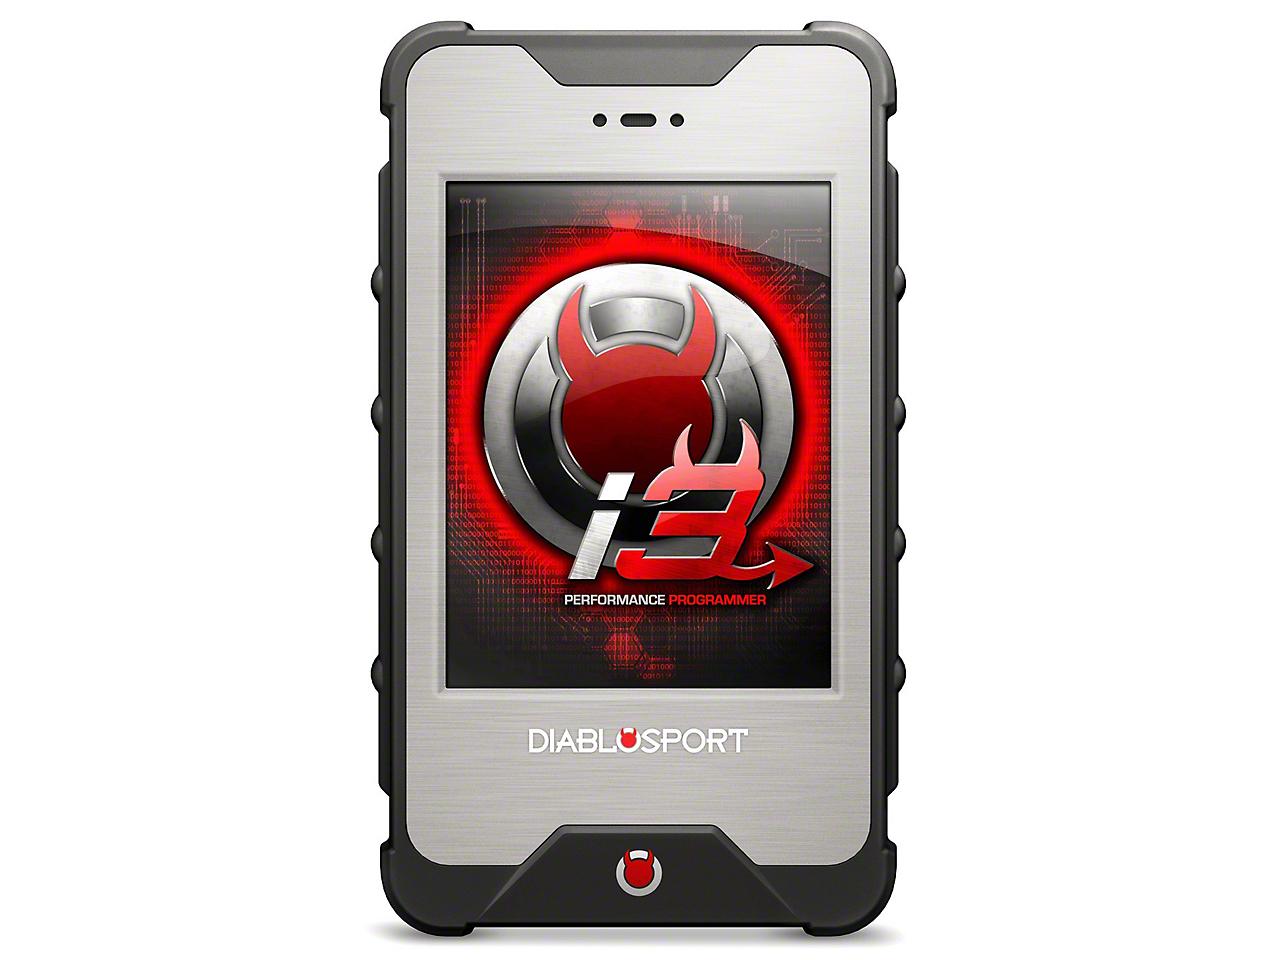 Diablosport inTune i3 Tuner (04-08 5.4L F-150)